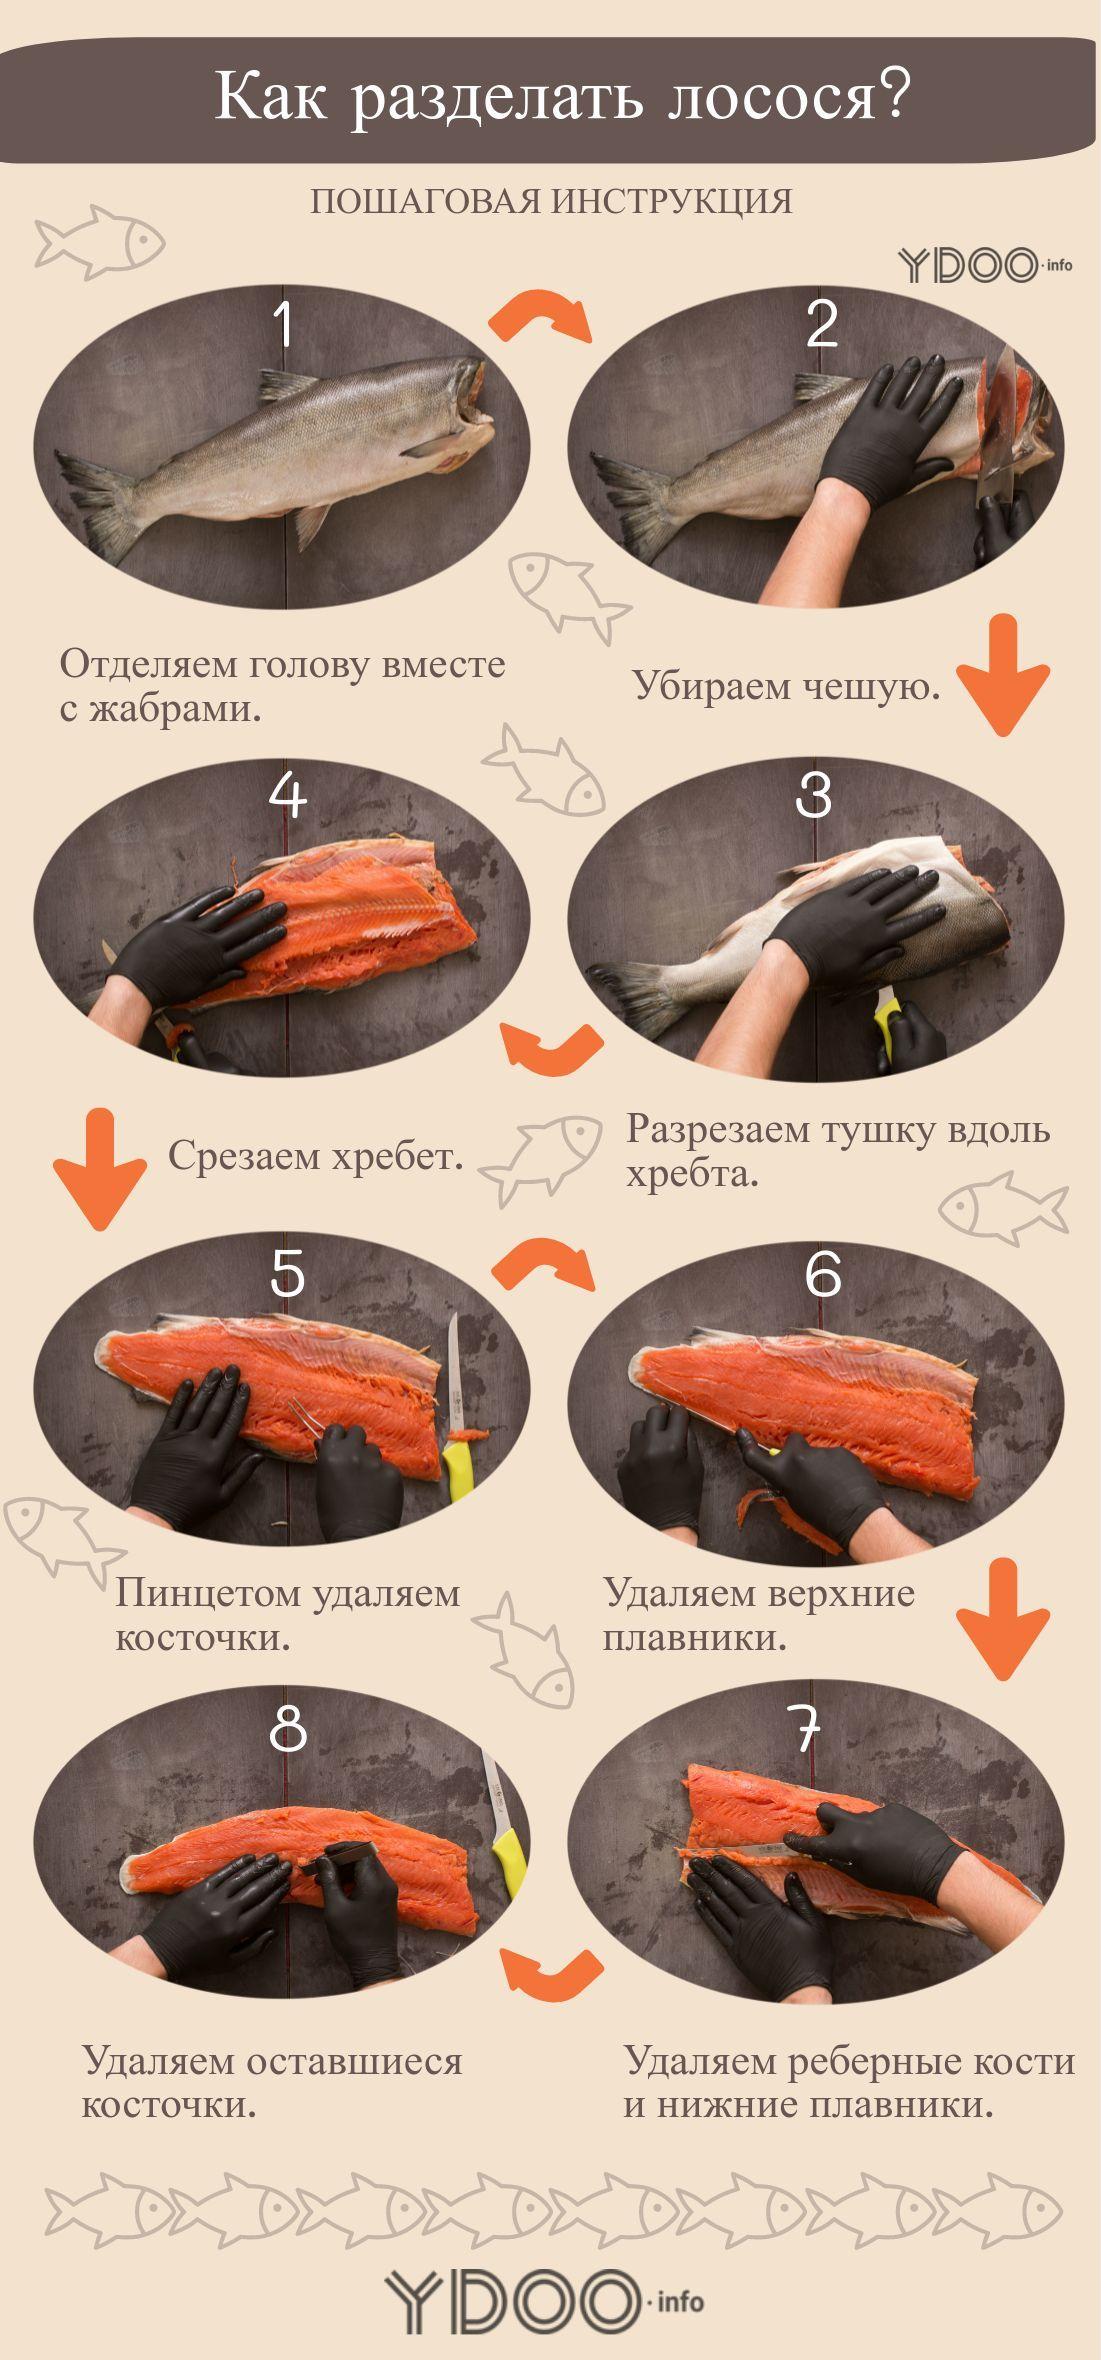 фотоинструкция по разделке лосося